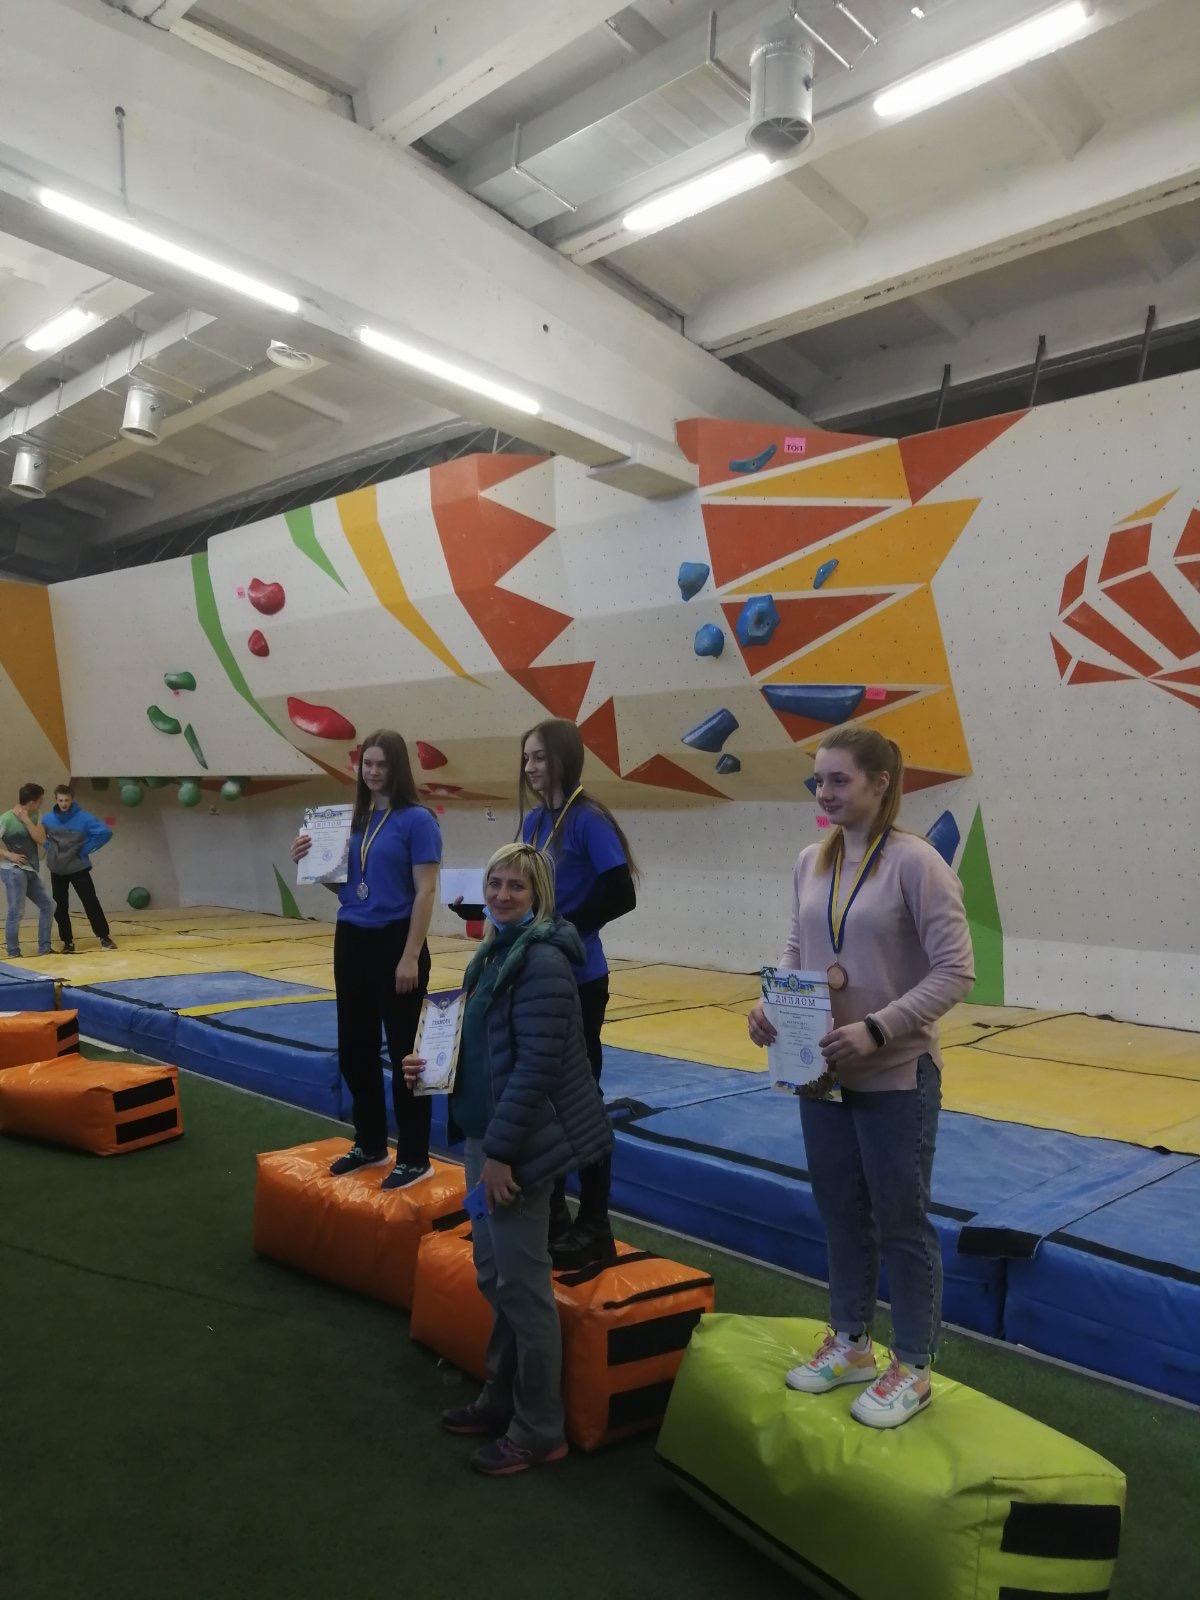 Днепровские спортсмены завоевали 5 медалей на чемпионате Украины по скалолазанию